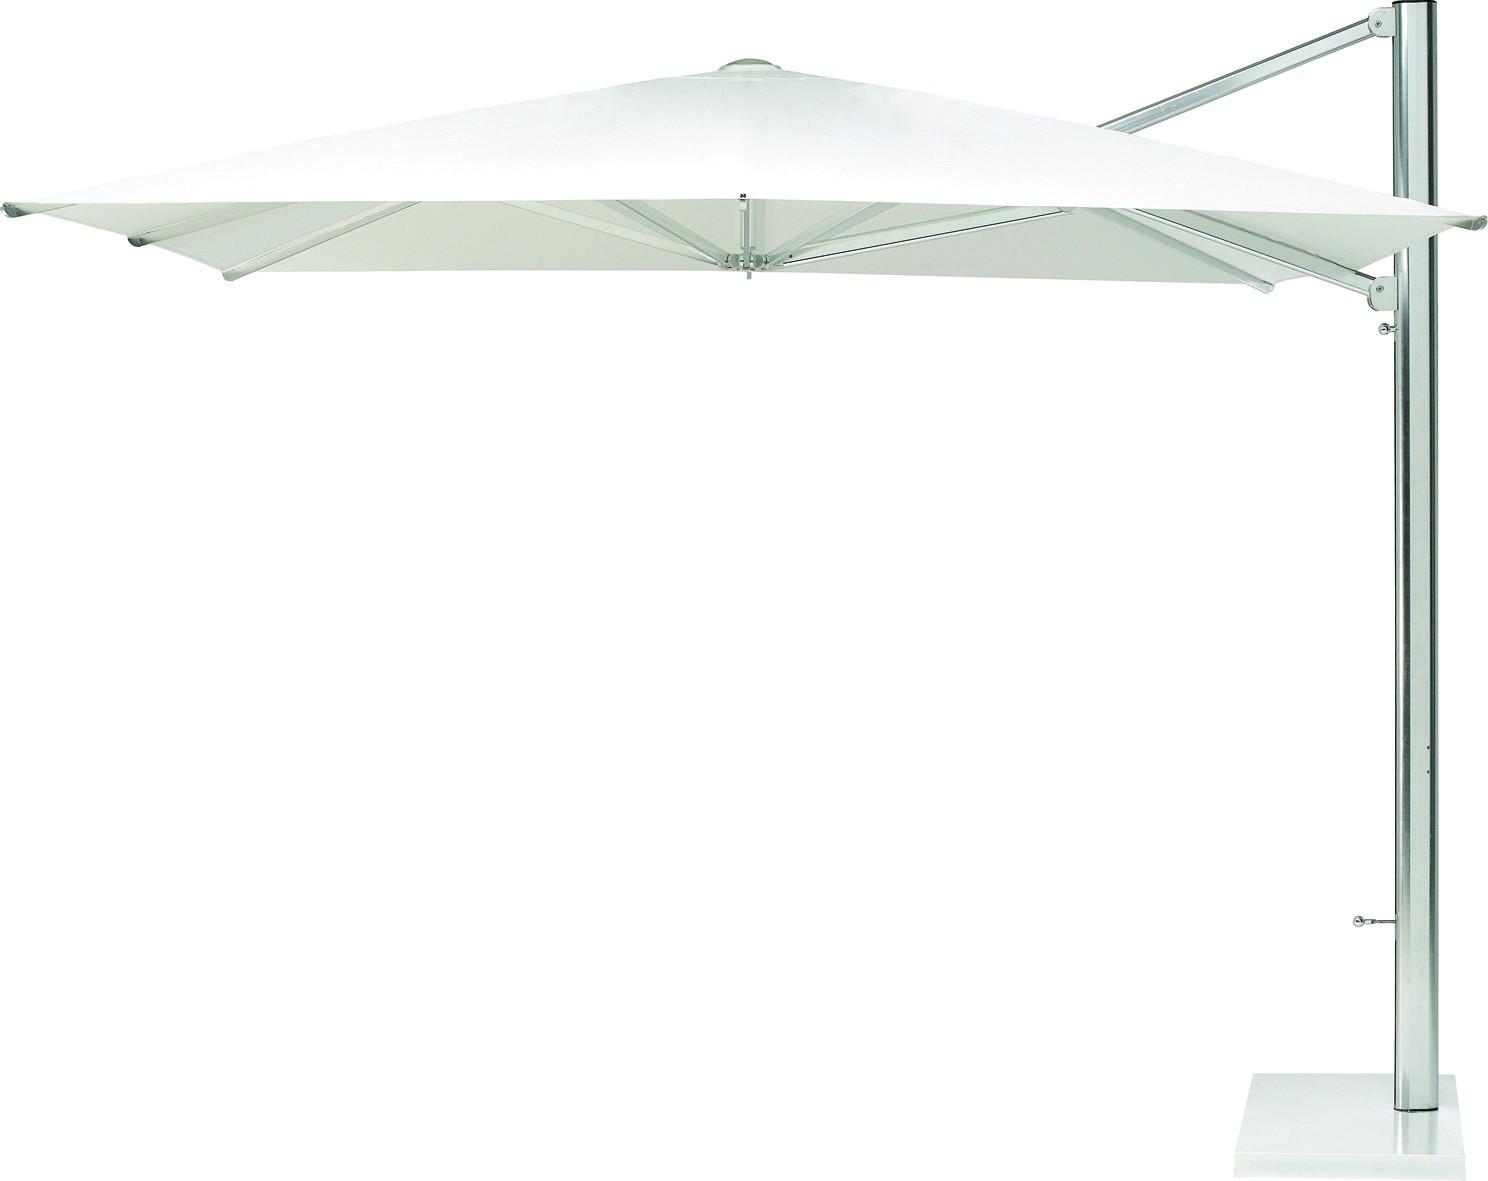 Parasol deporte 4x4 - Vente de parasol en ligne ...